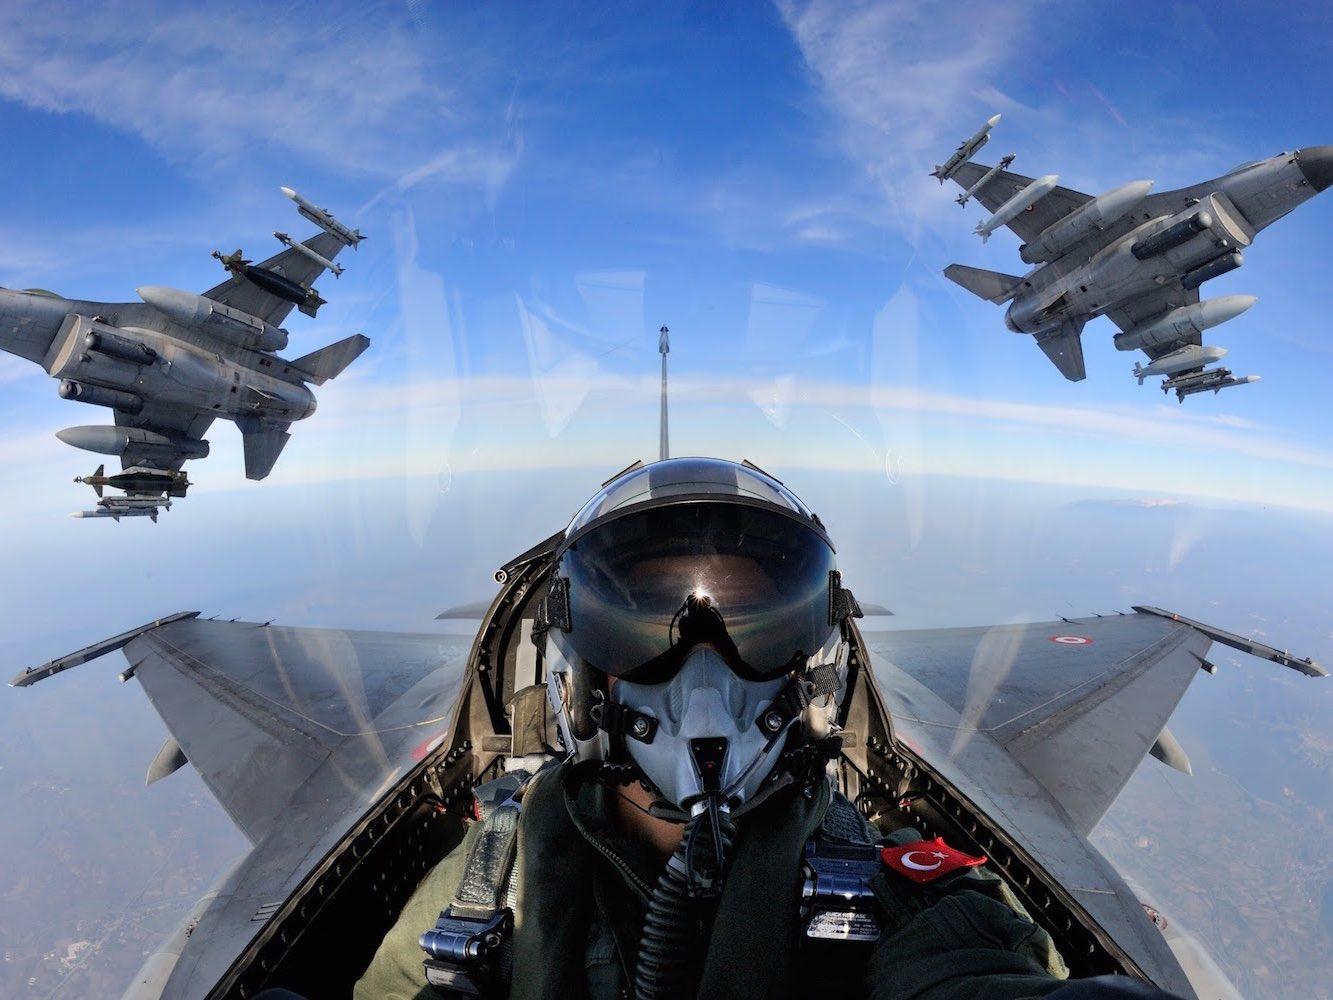 U S Bars Turkey From Using Pakistani Pilots For F 16